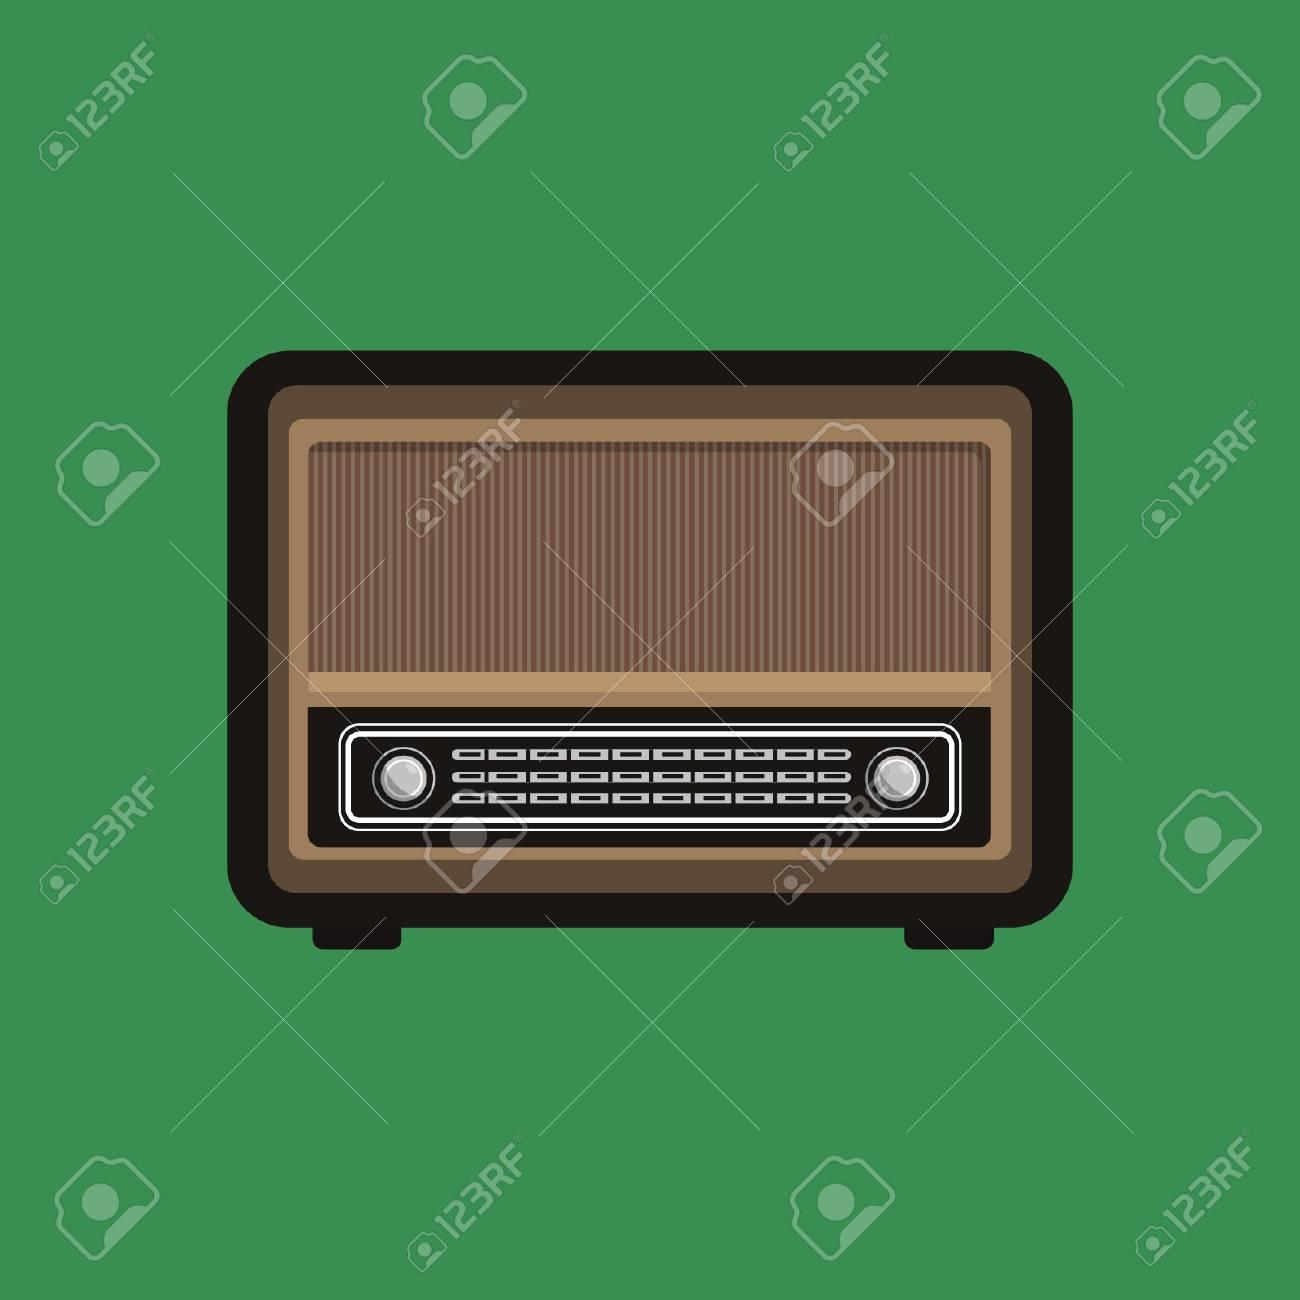 Radio Gadget - Vector Design - 110619543